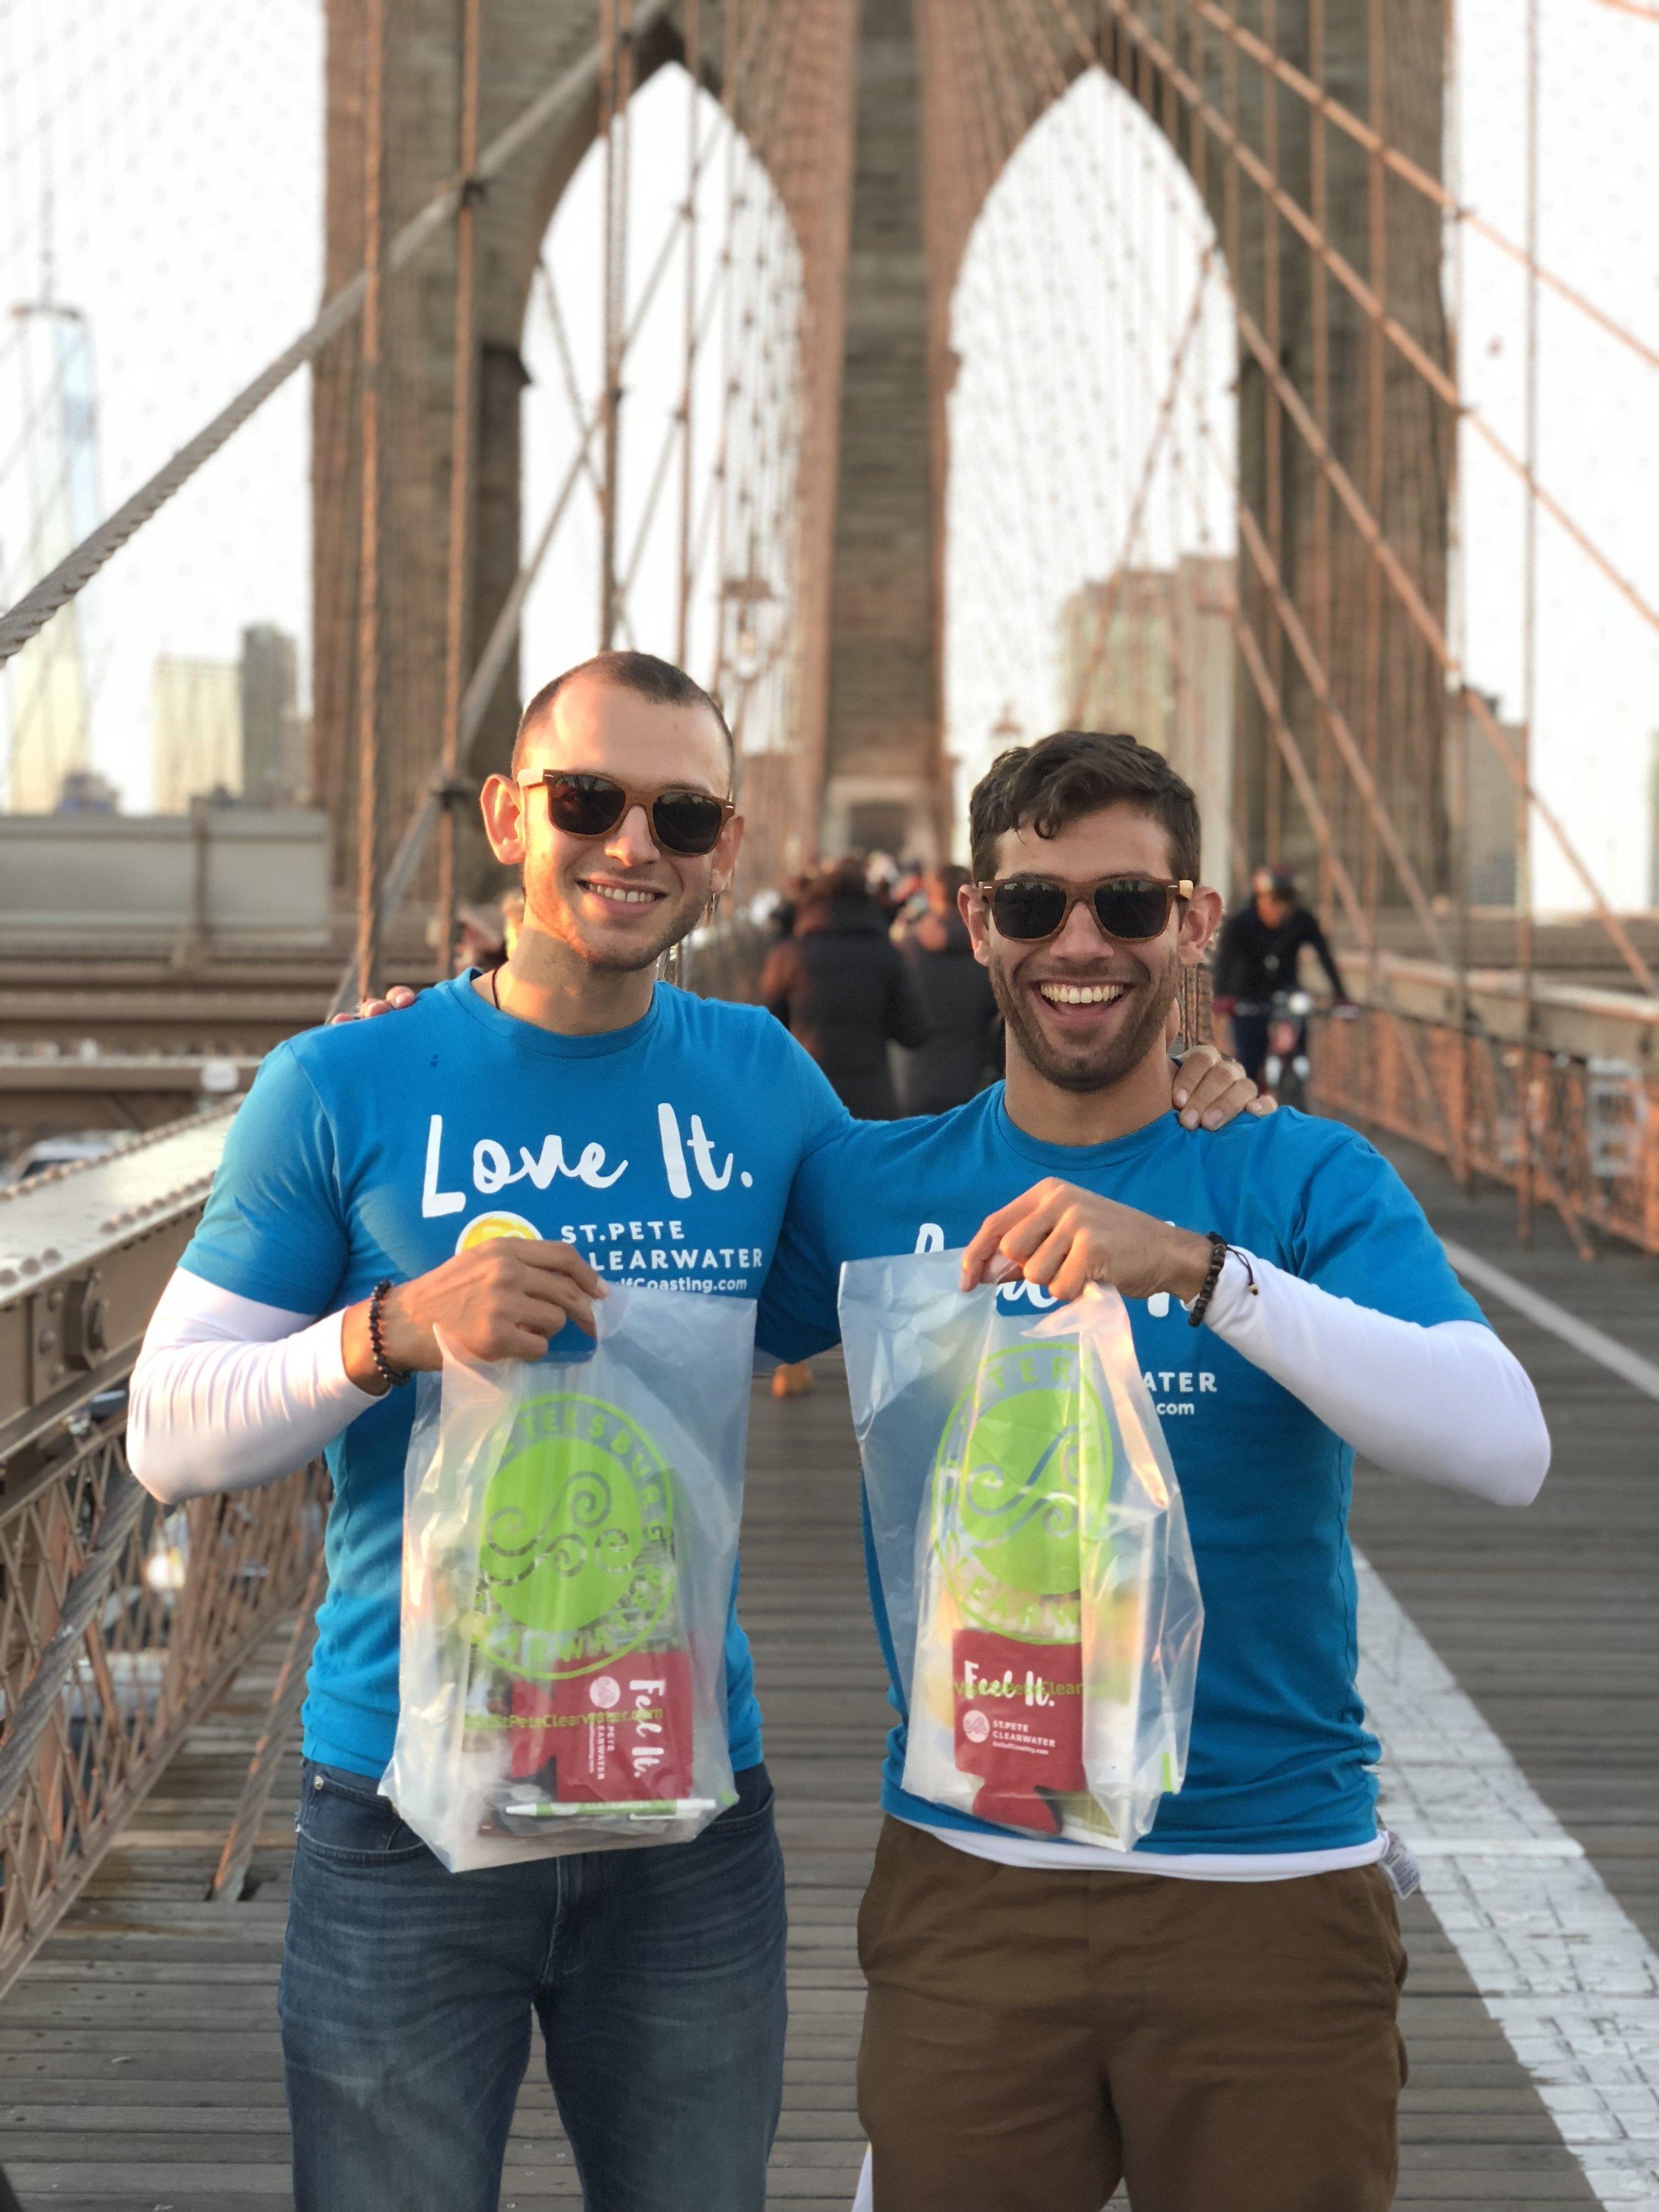 Street team giveaways great street teams